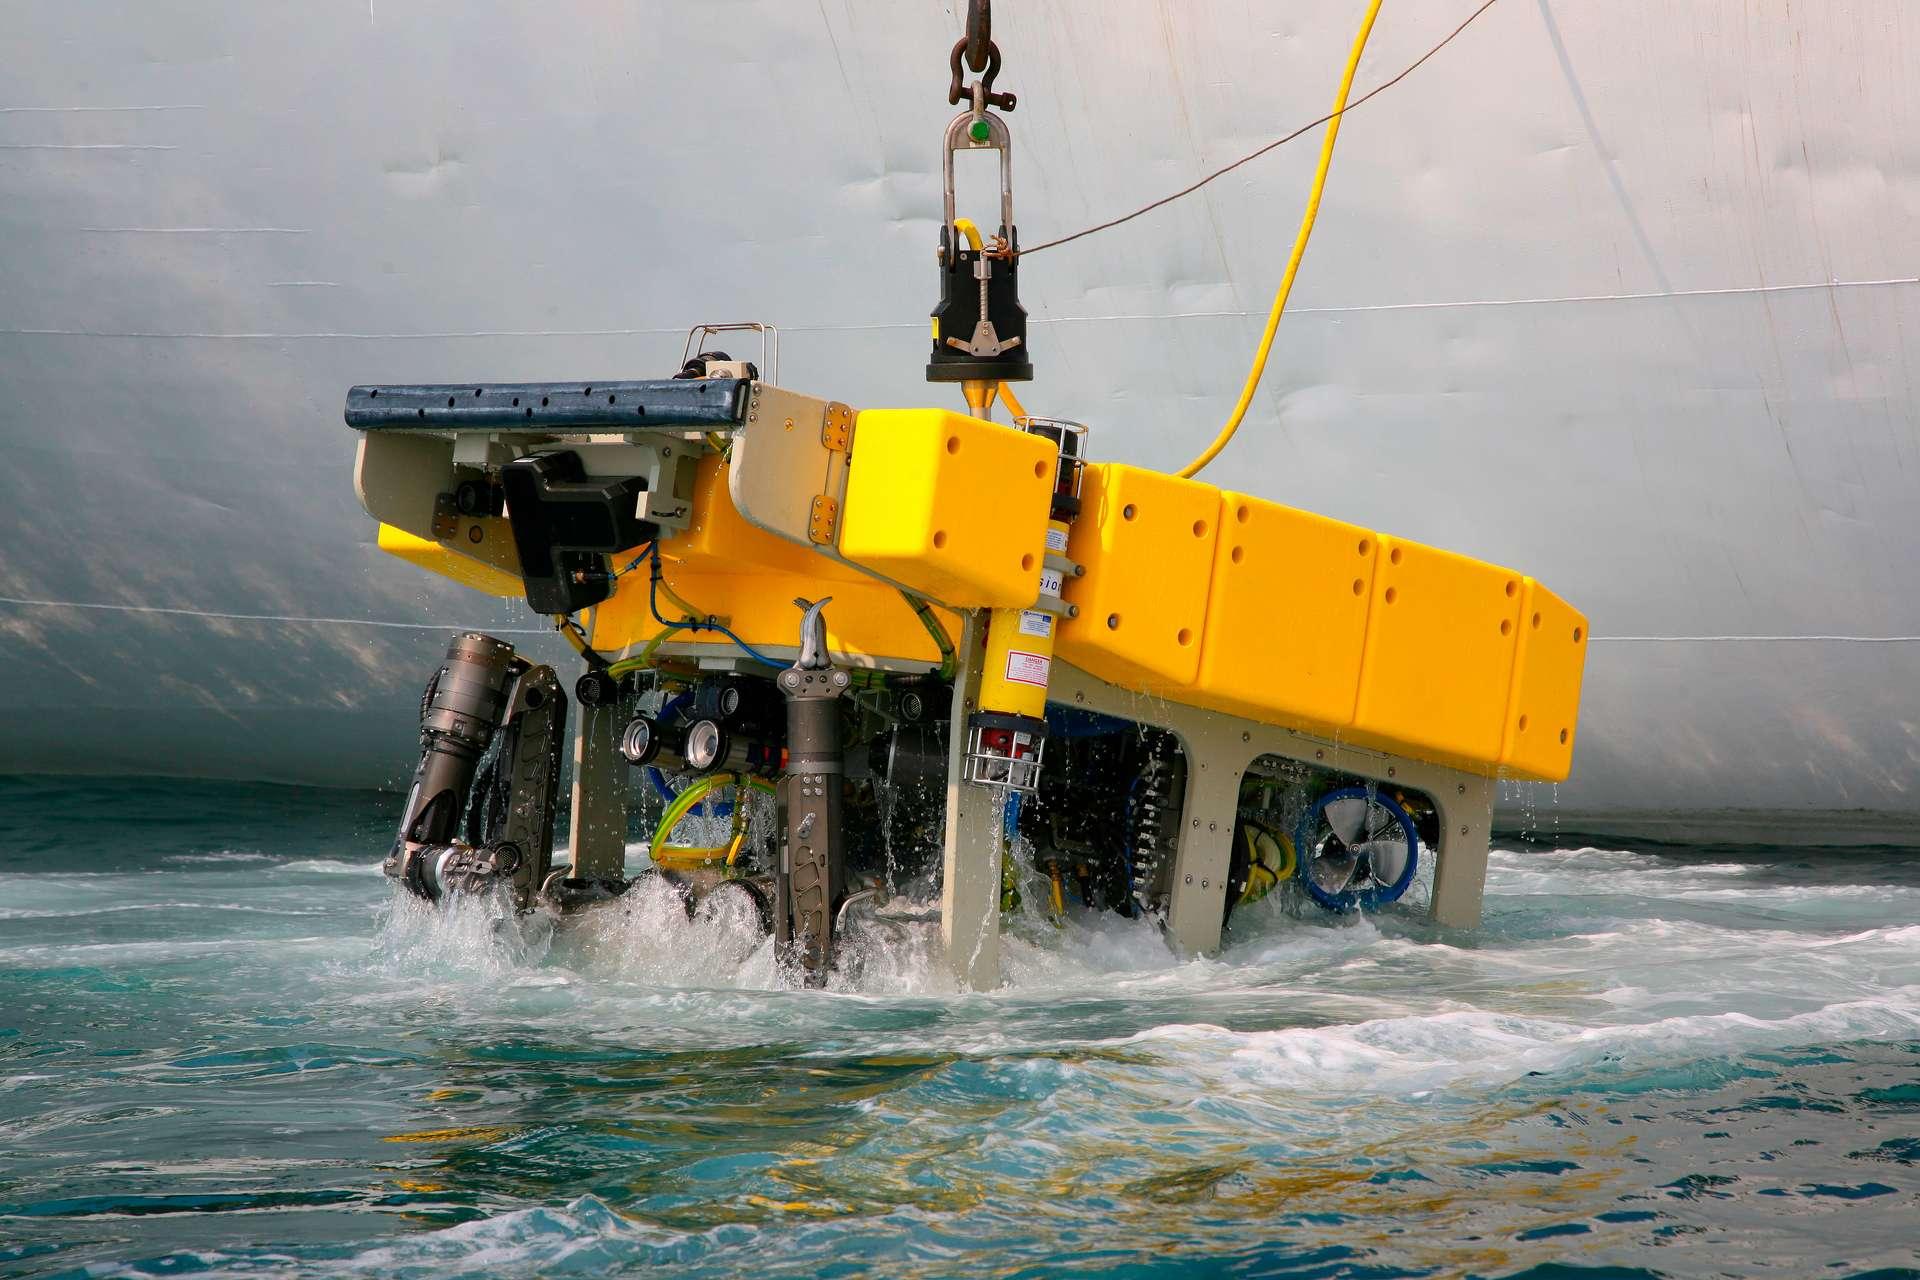 Un exemple de véhicule sous-marin téléguidé, utilisé pour explorer les profondeurs marines. © Victor Ivin, Adobe Stock